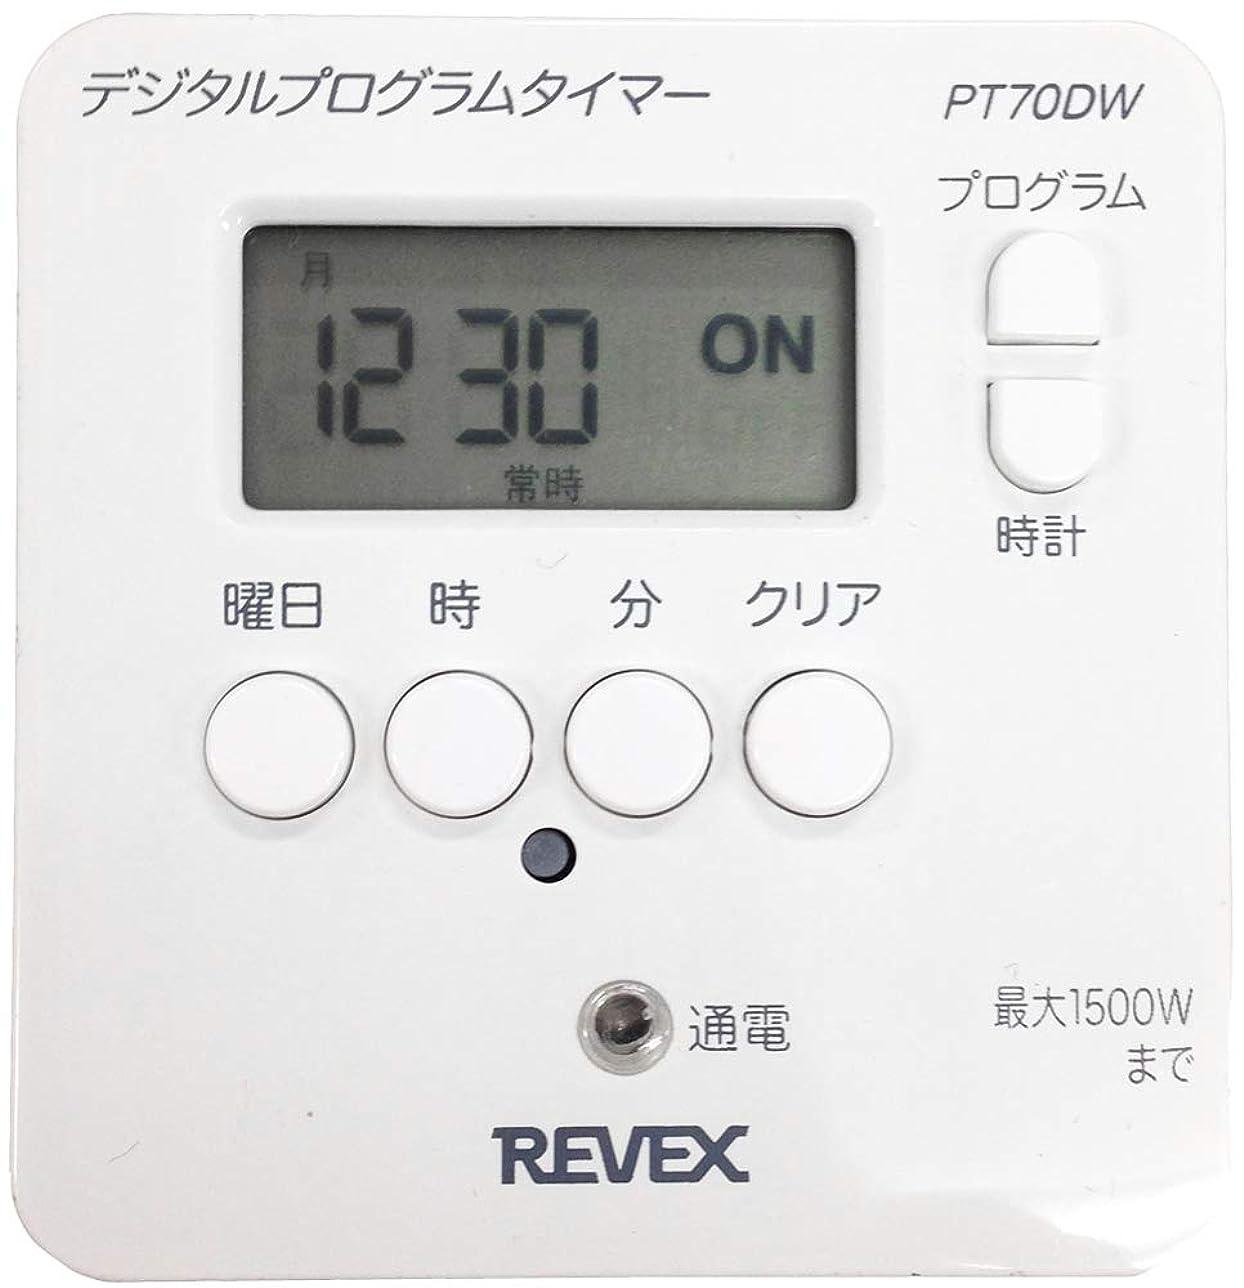 骨壮大逆にリーベックス(Revex) コンセント タイマー スイッチ式 簡単デジタルタイマー PT70DW